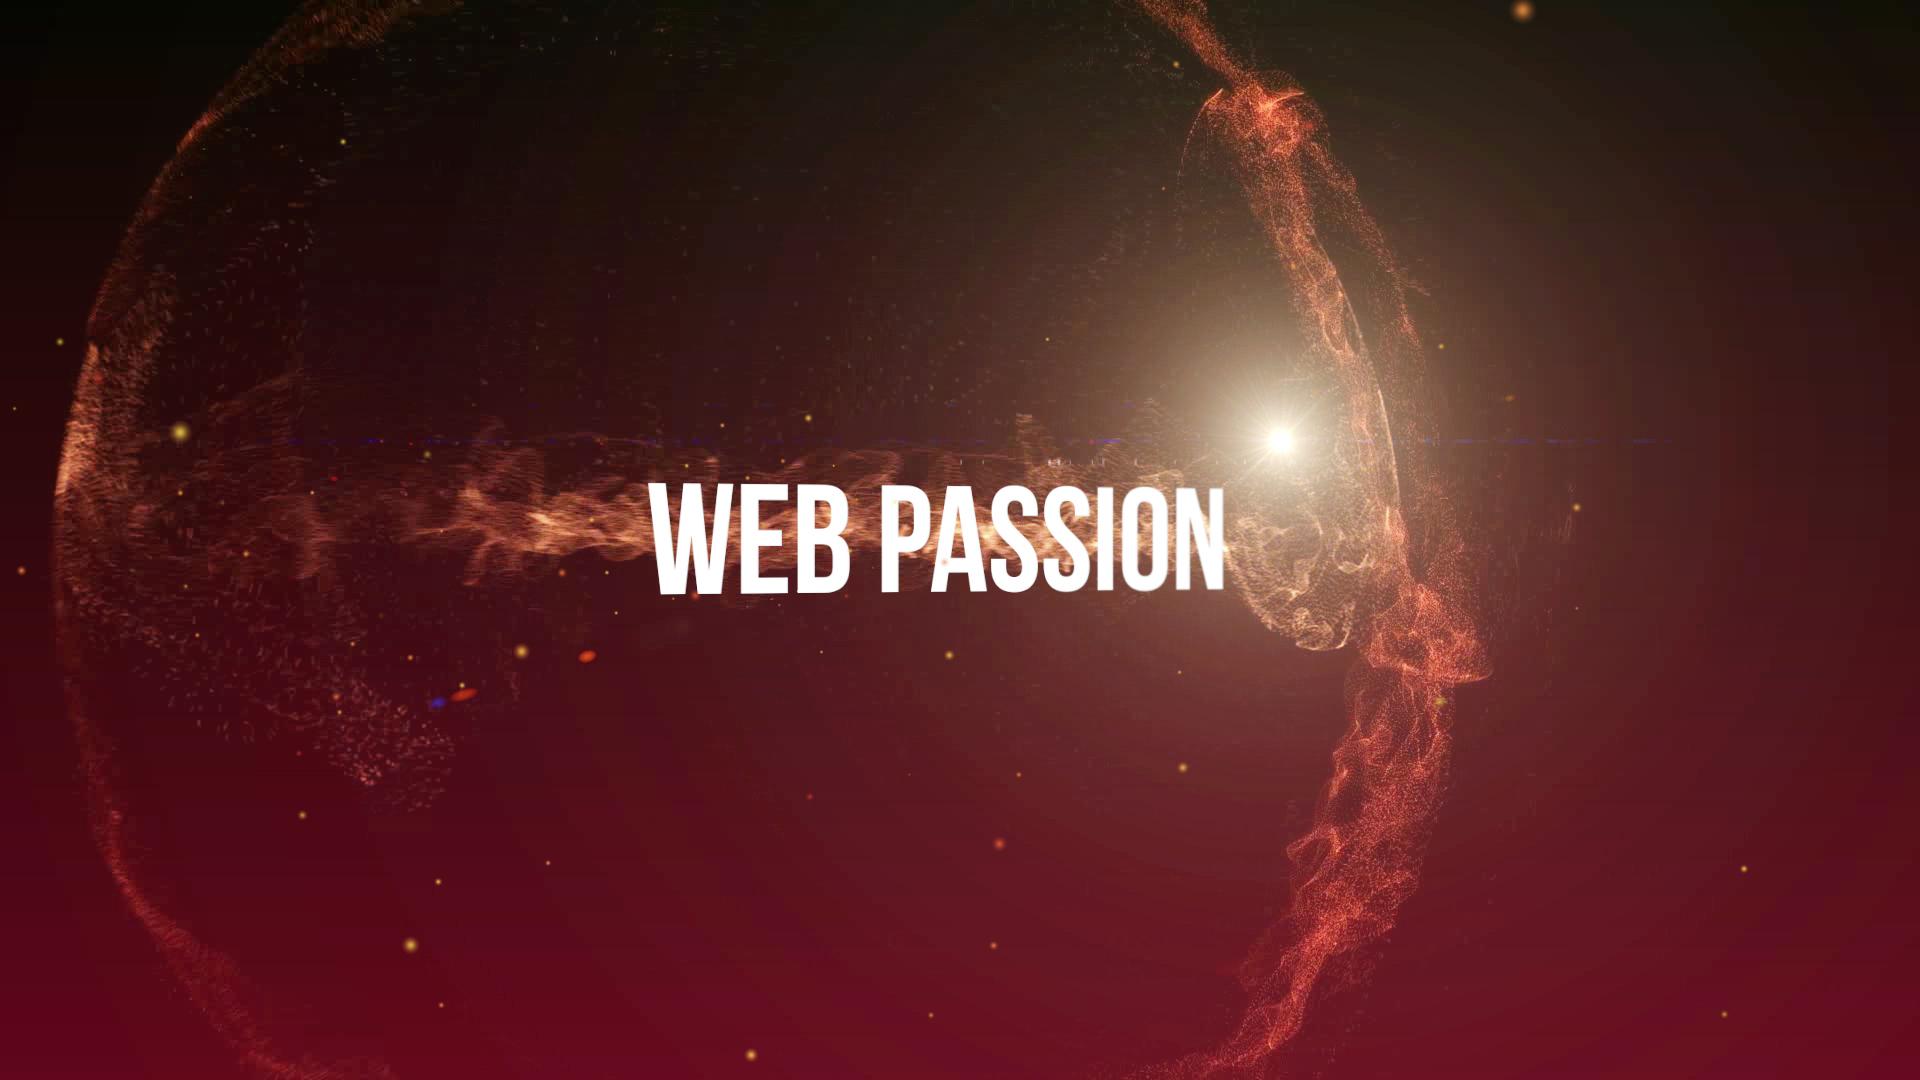 After Effects com Introdução para Sites de Web Design №45346